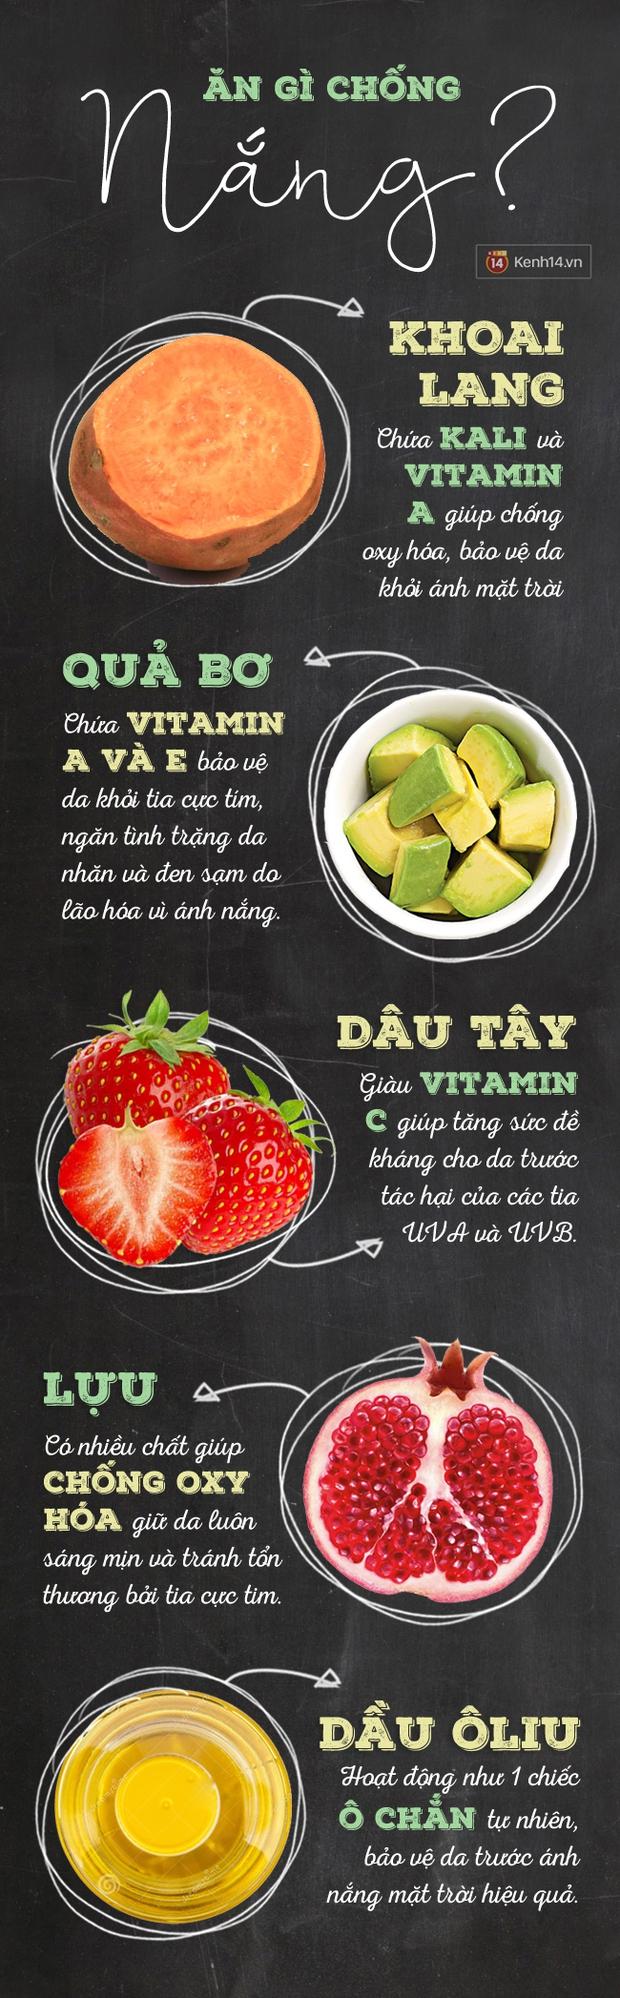 5 thực phẩm cần tăng cường để da không bắt nắng - Ảnh 2.